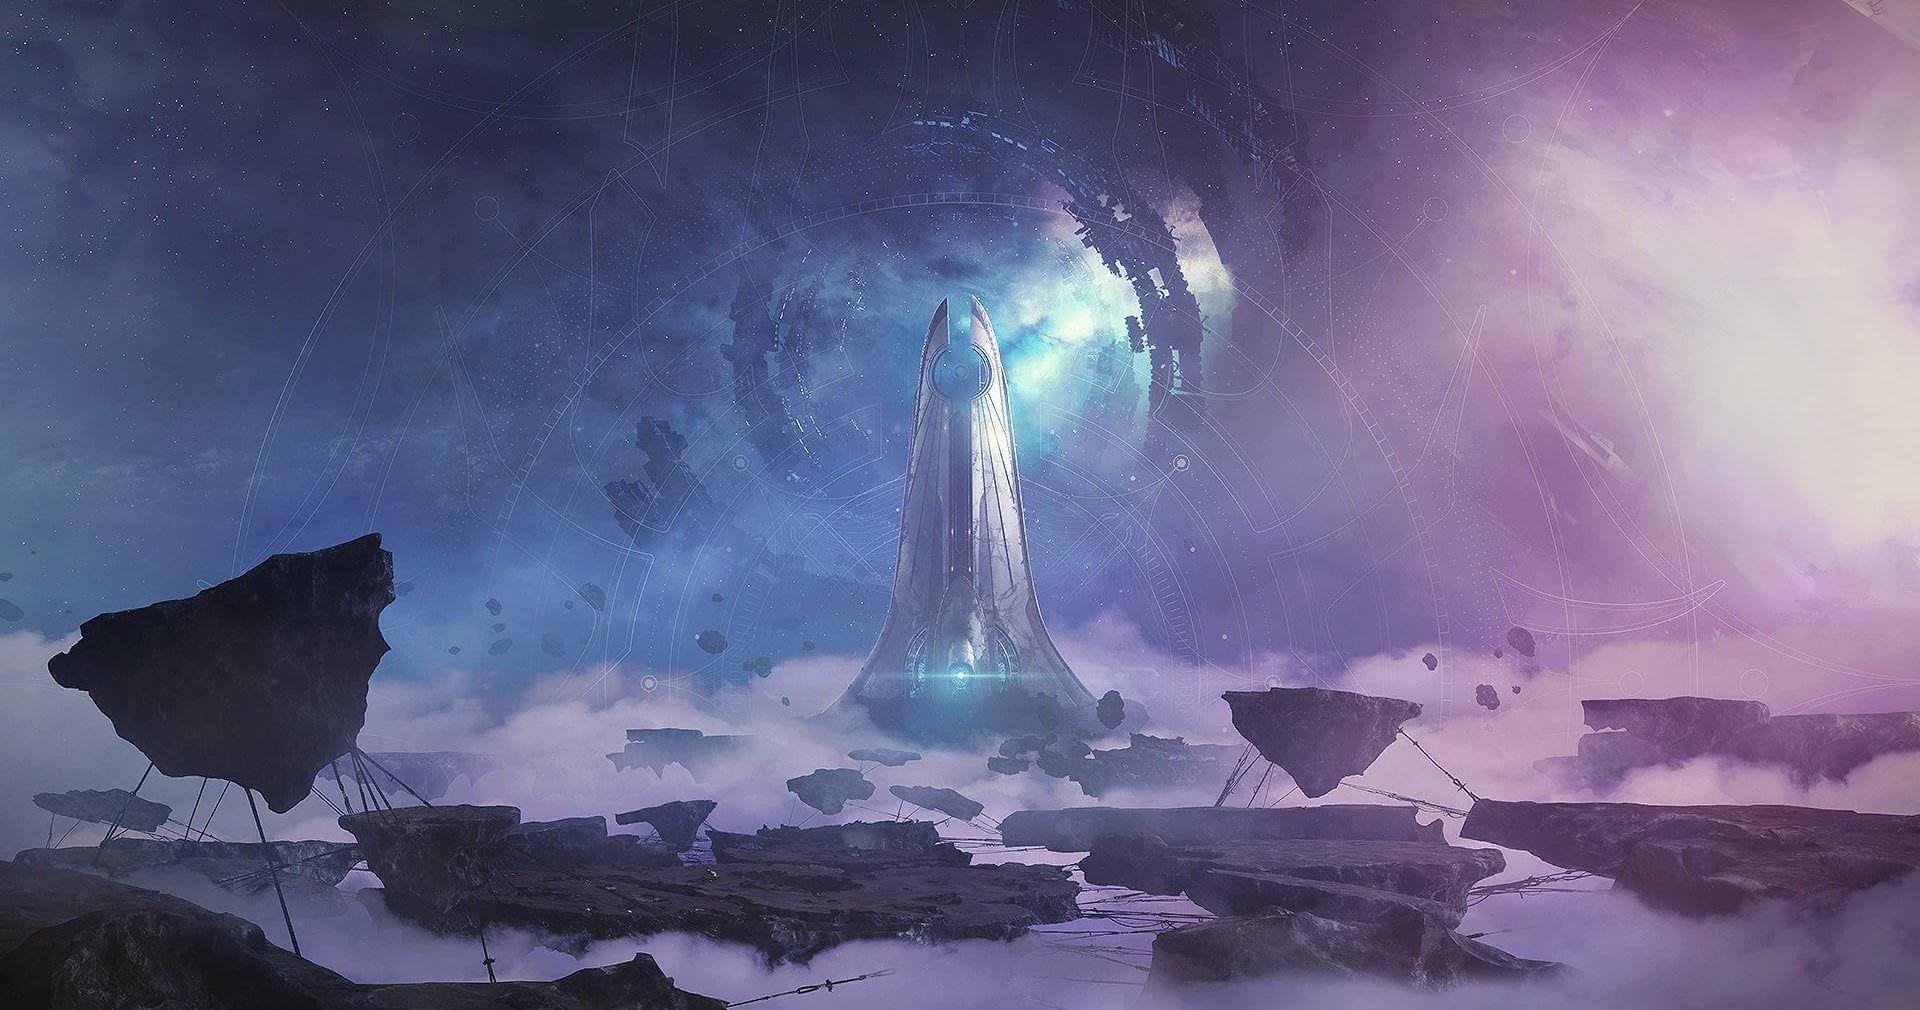 Destiny (video game) Destiny 2 (video game) 1080P